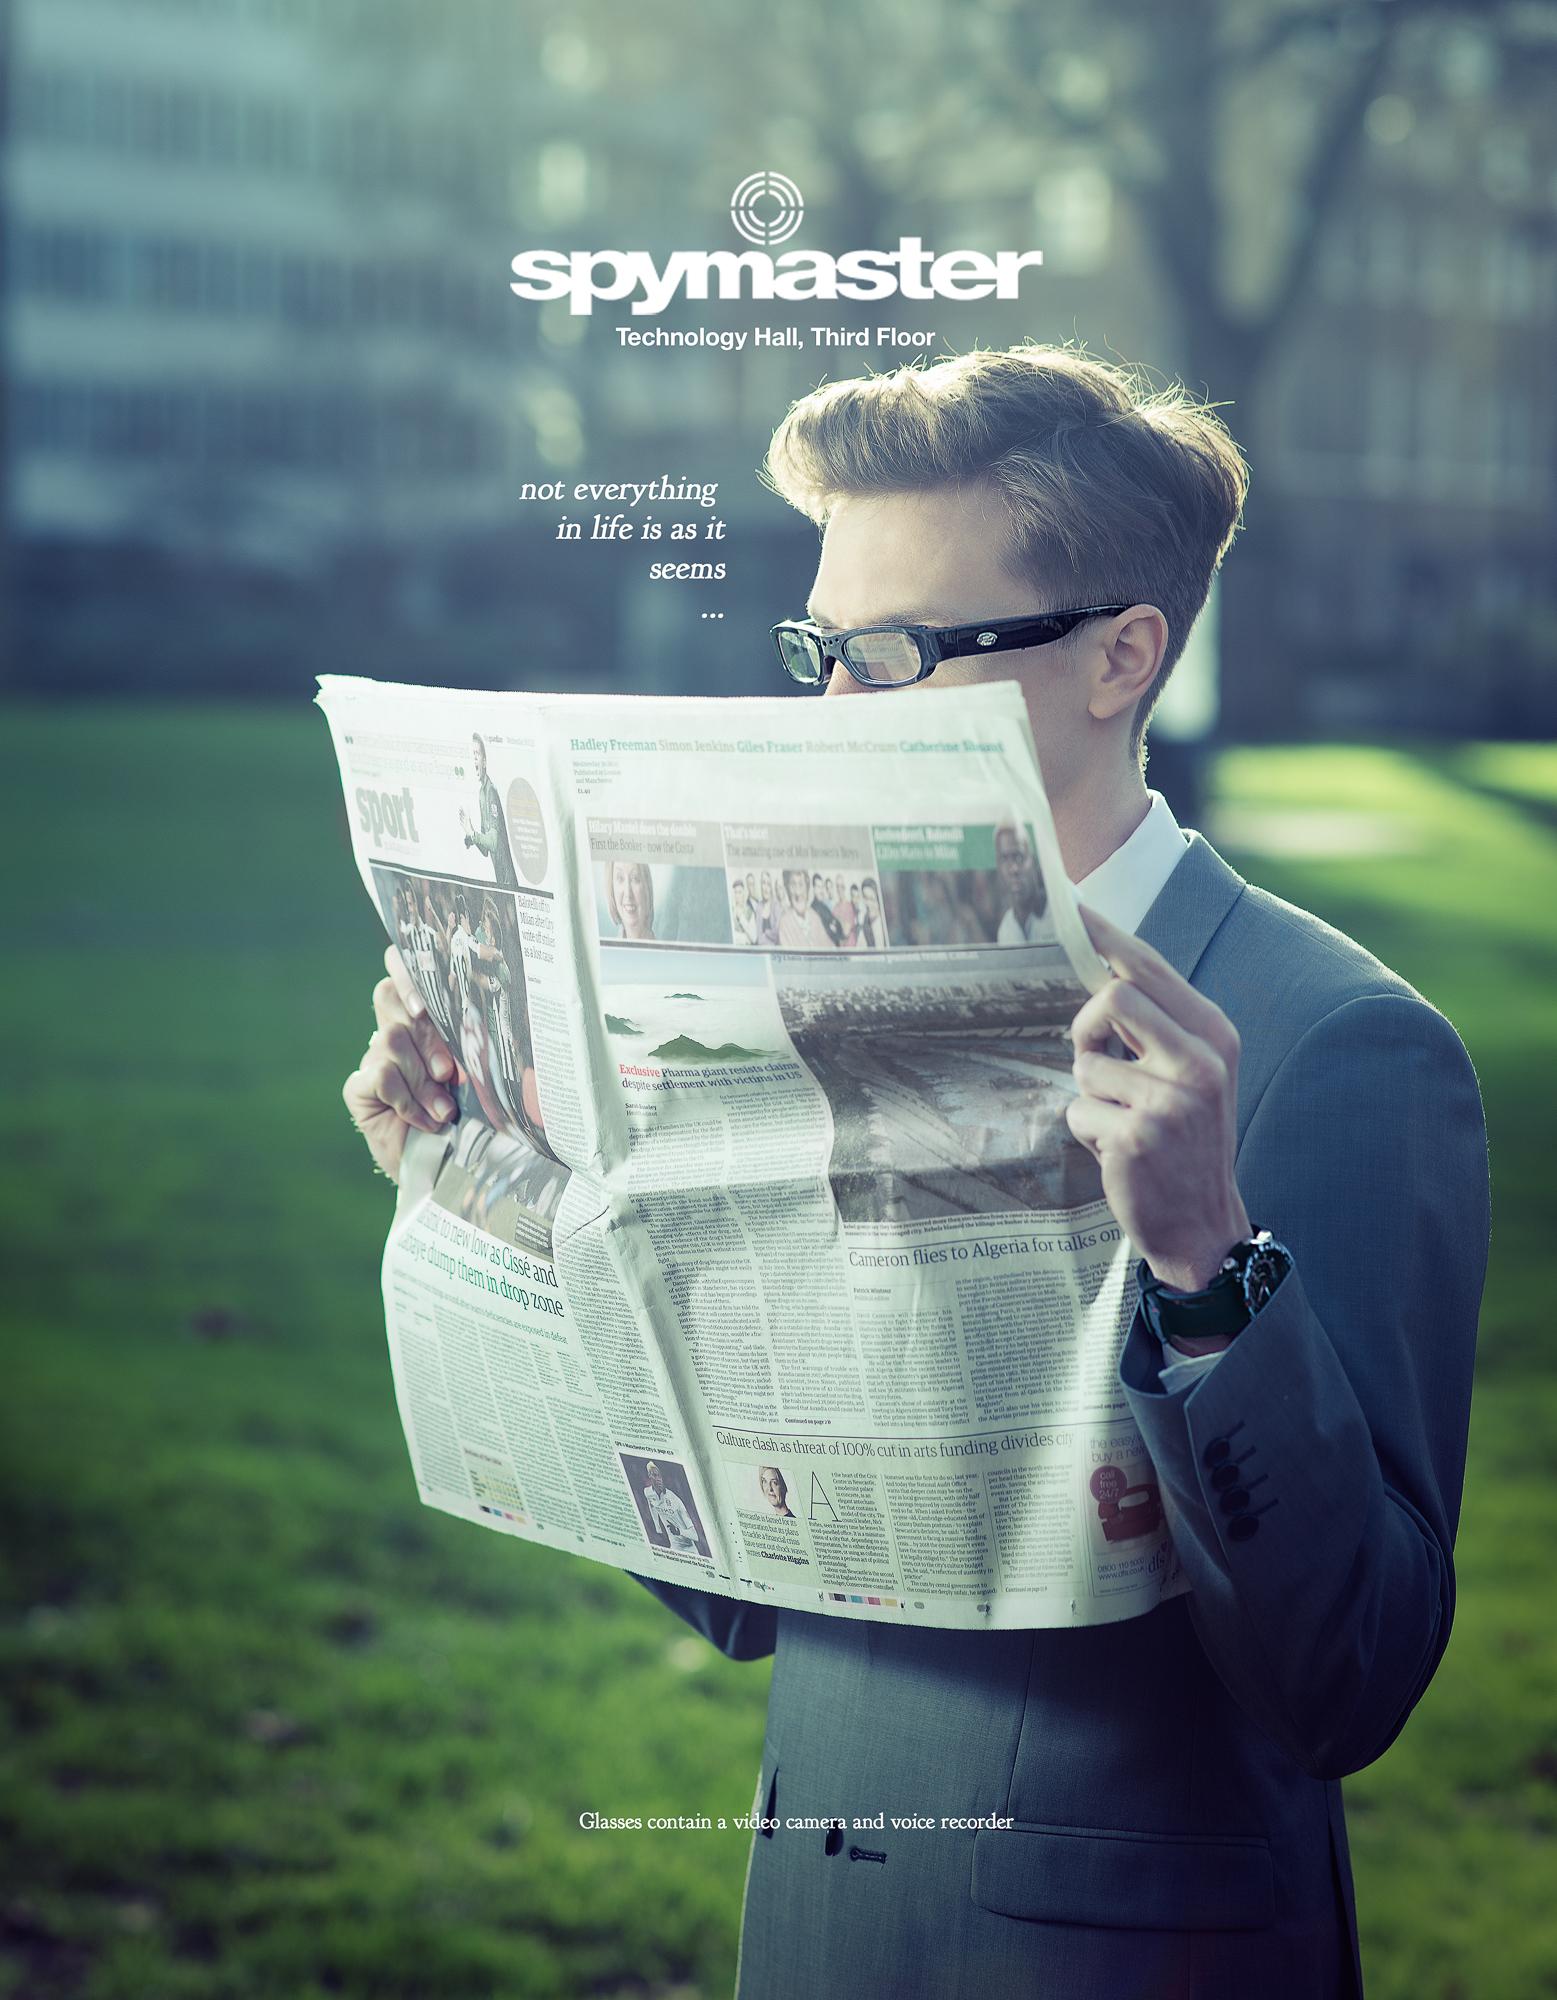 Spymaster_Harrods-1023-Edit.jpg